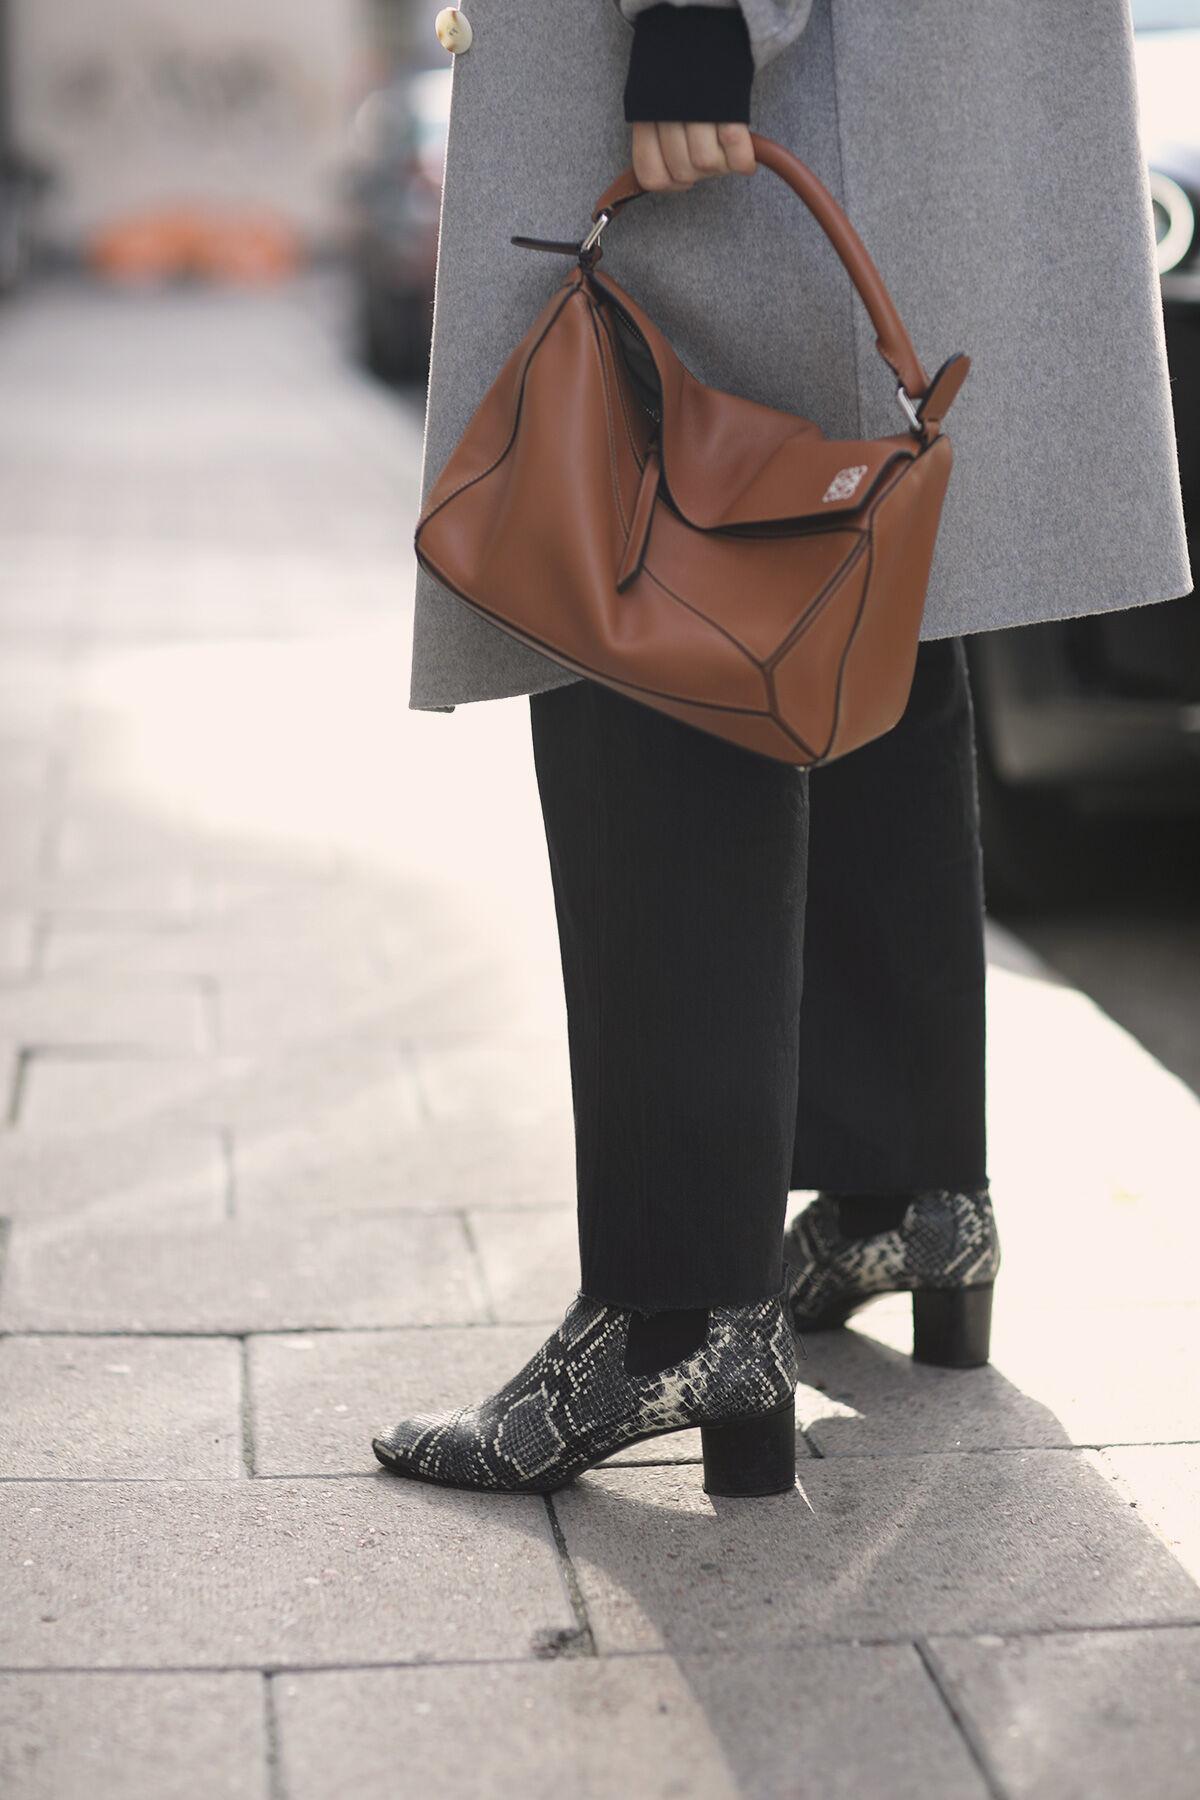 Höstens skor, budget och lyx | Carolines Mode | Damernasvarld